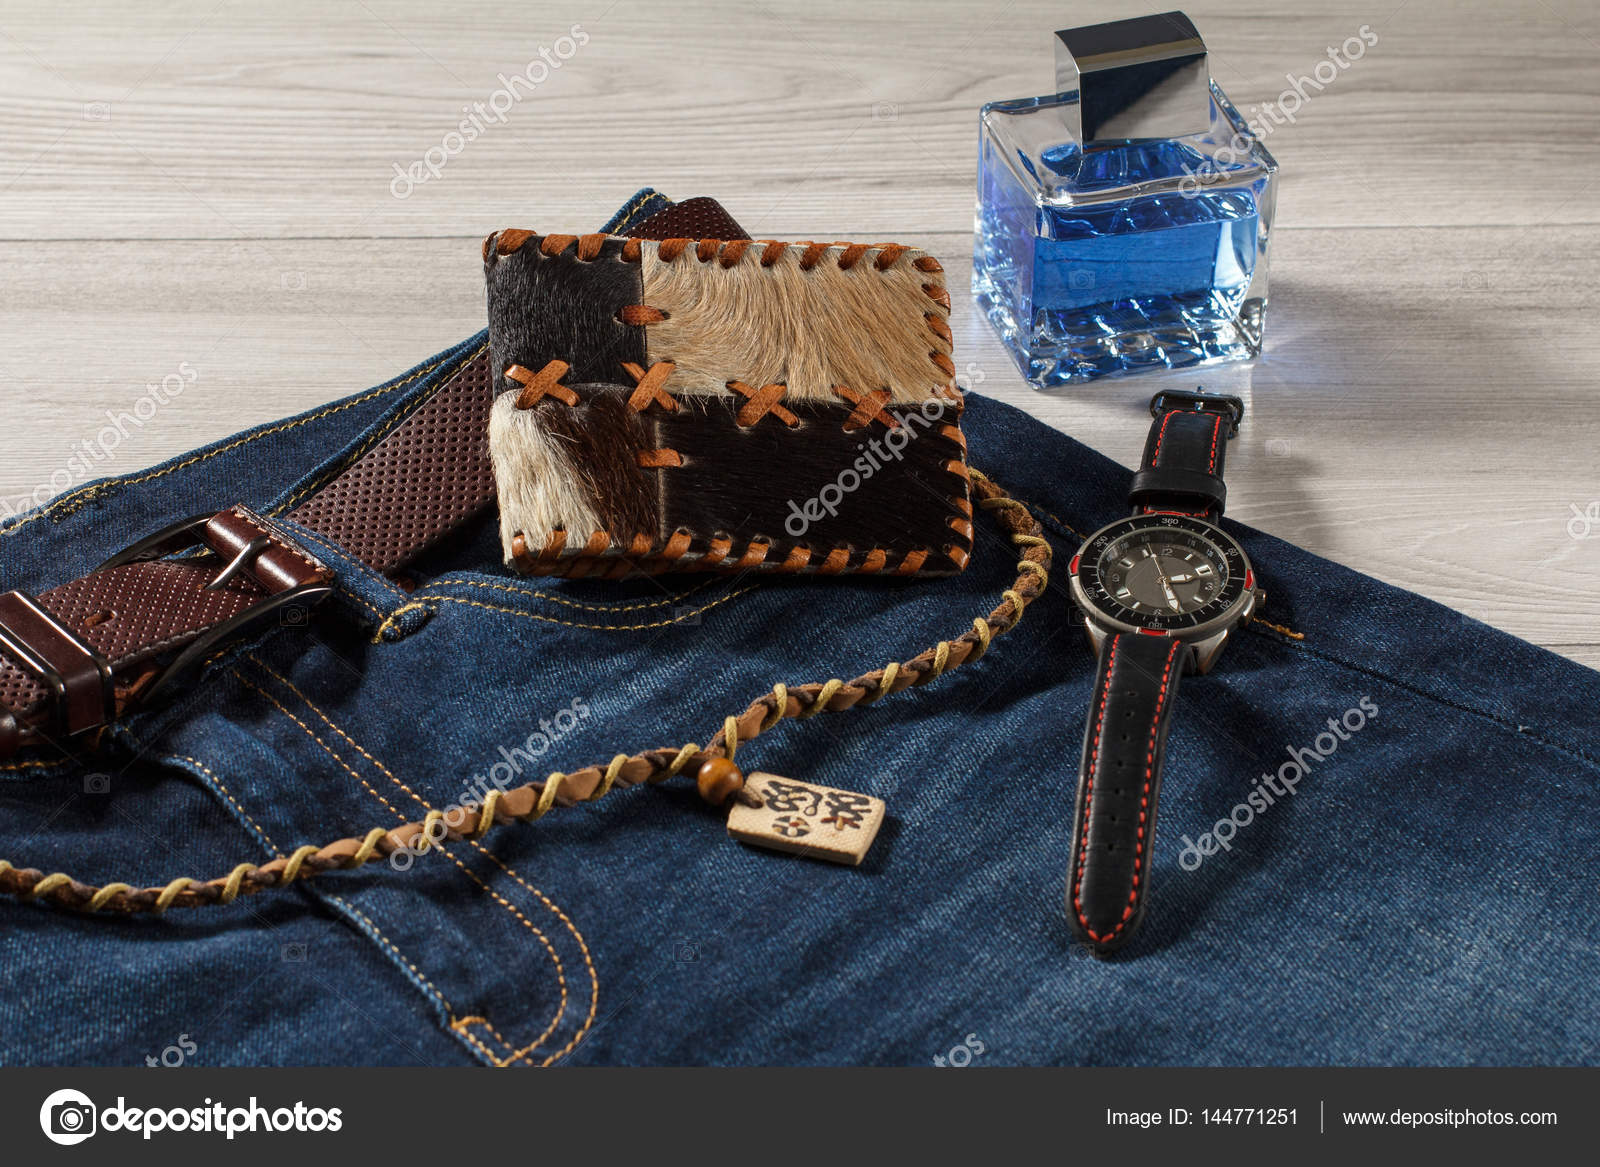 ultima collezione più nuovo di vendita caldo vasta gamma Profumo uomo, orologio e borsa in jeans con cintura in pelle ...